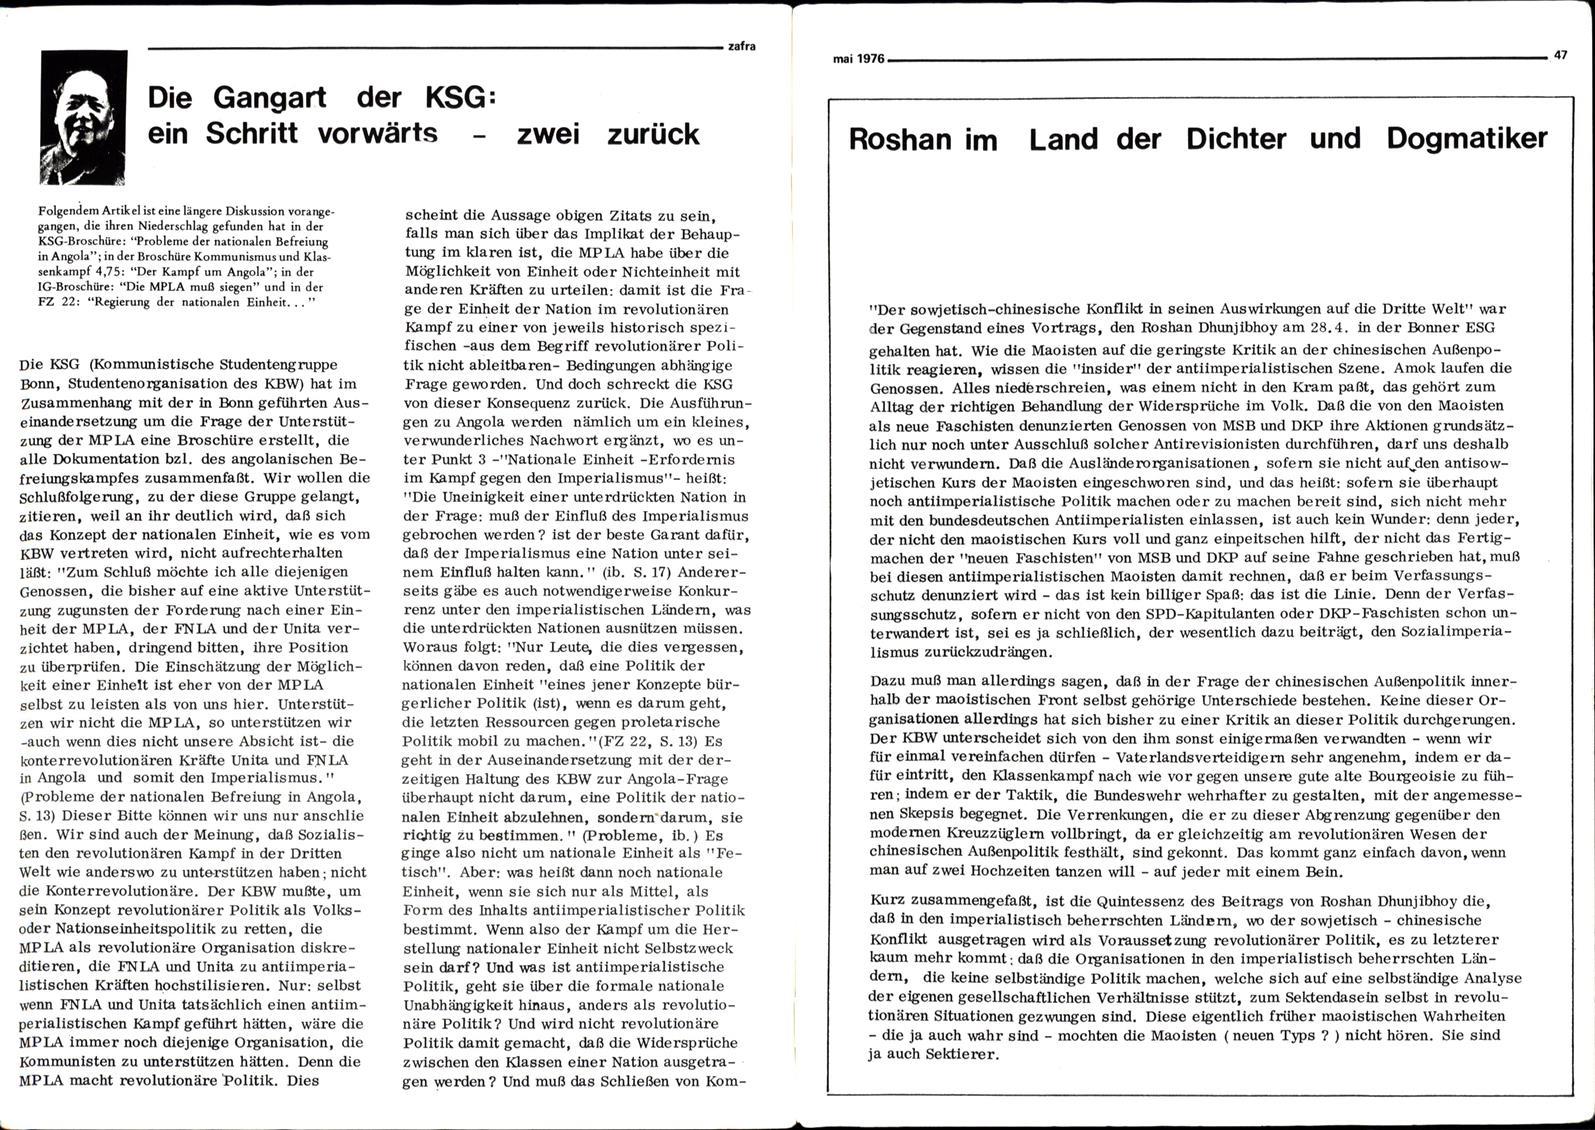 Bonn_ZAFRA_01_19760500_24